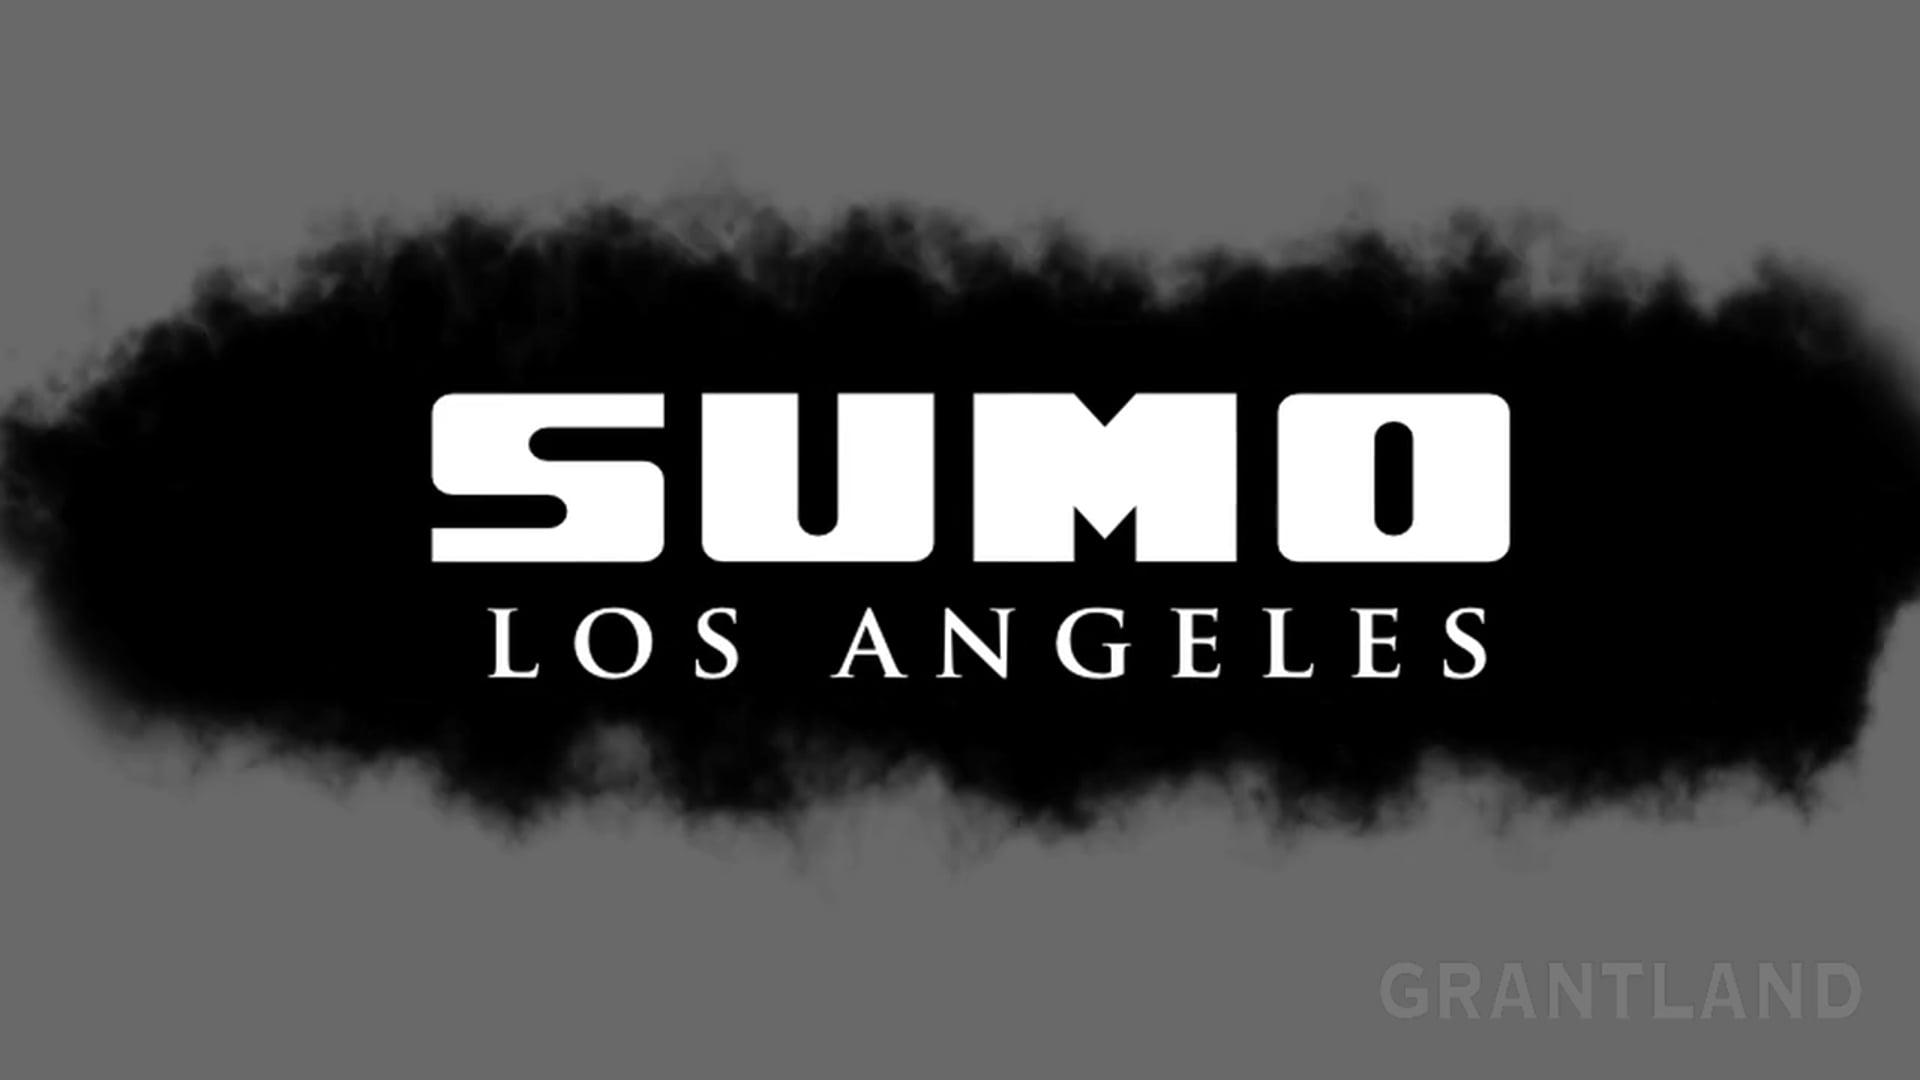 """ESPN - """"Sumo Los Angeles"""" - [ESPN Grantland Channel]"""